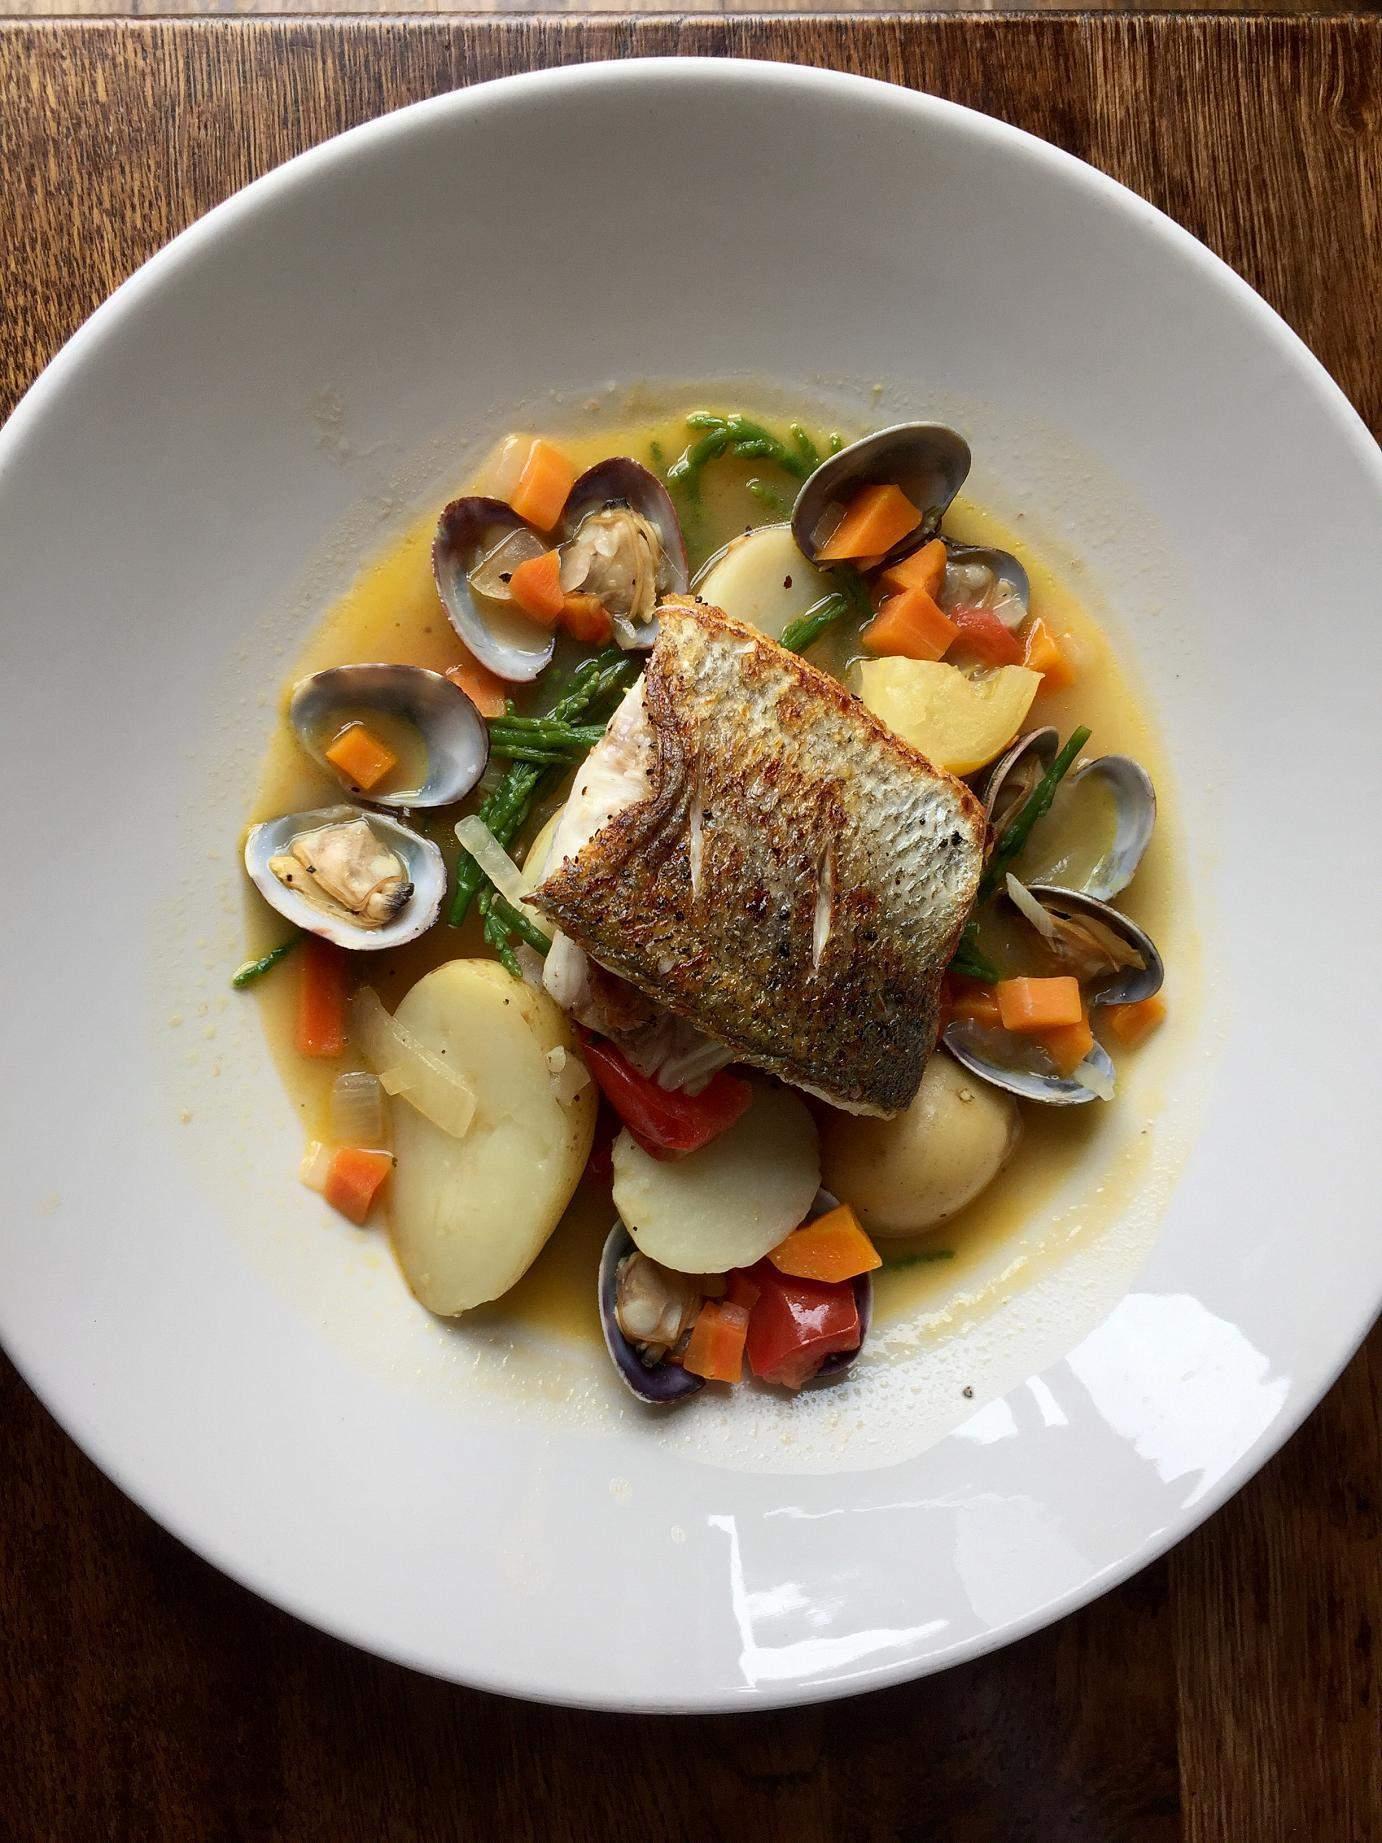 Sea bass dish